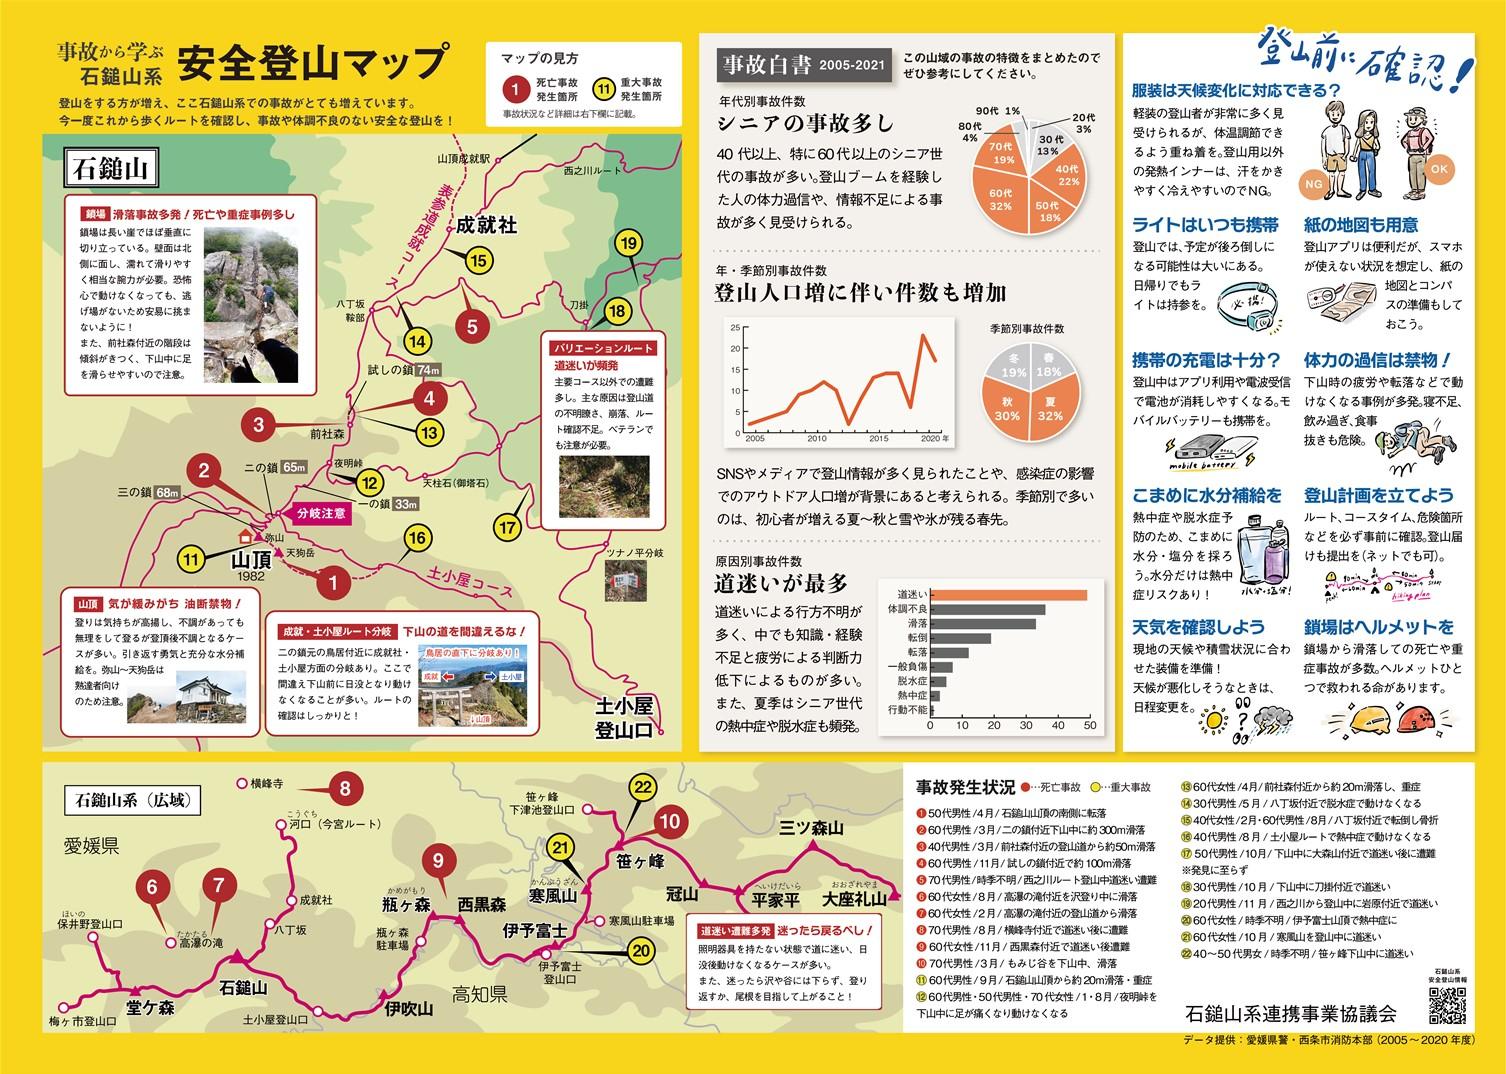 石鎚山系安全登山マップ_横